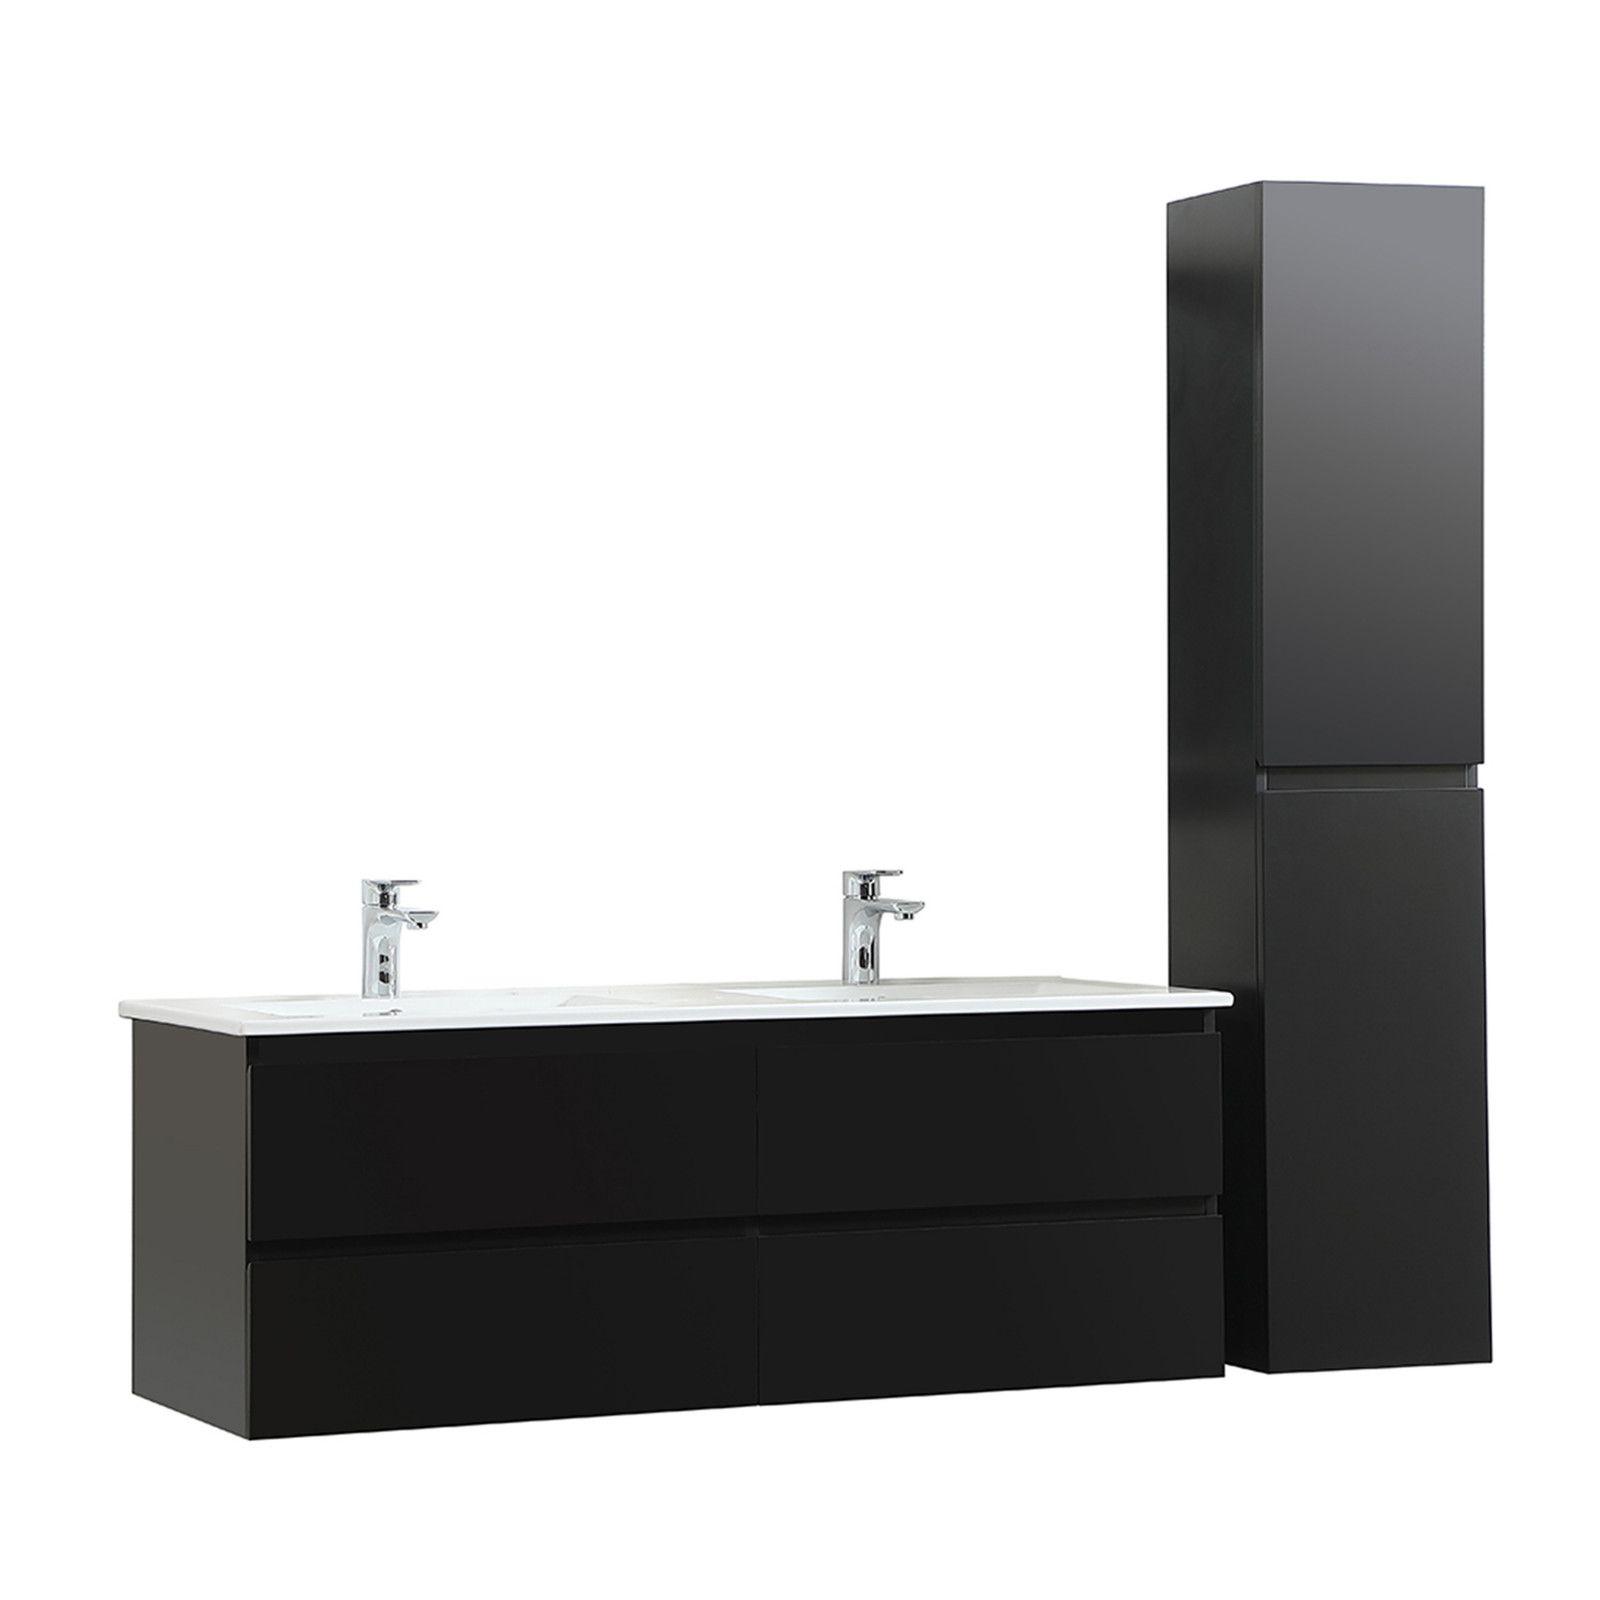 Meuble de Salle de Bain Double Vasque 120 cm + Colonne Noir Carbone SORRENTO